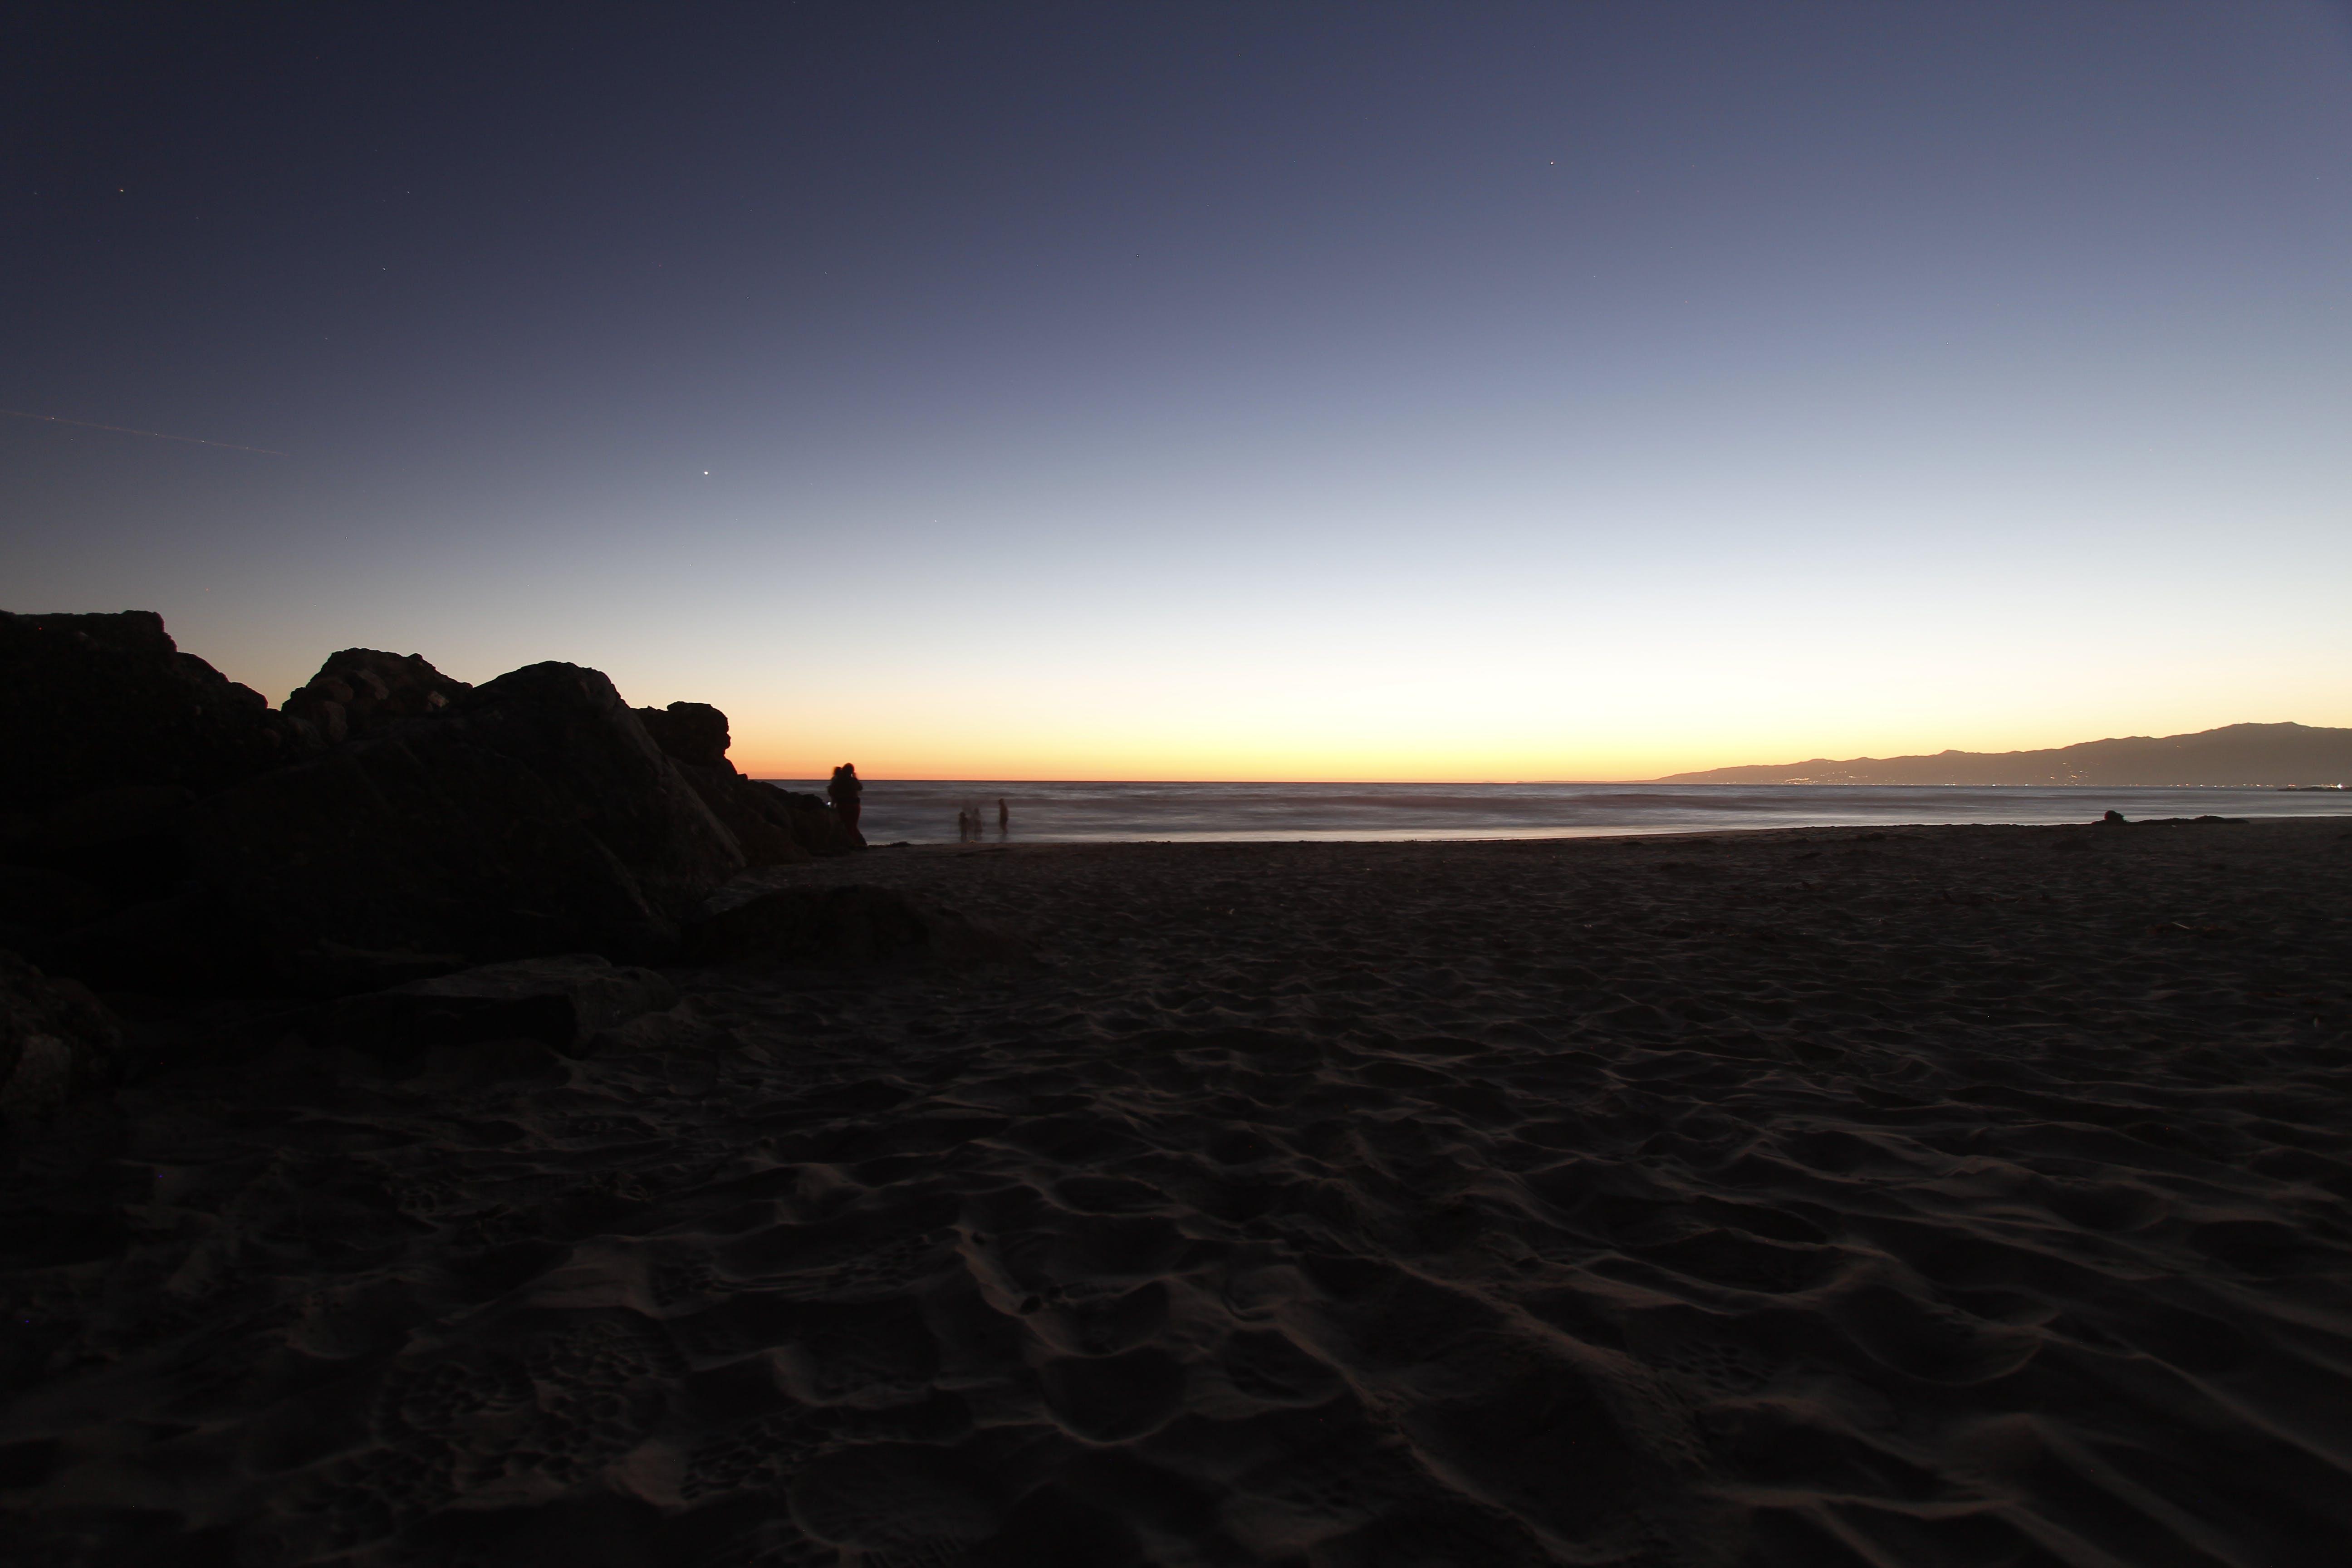 Kostenloses Stock Foto zu abend, dämmerung, einbruch der dunkelheit, himmel